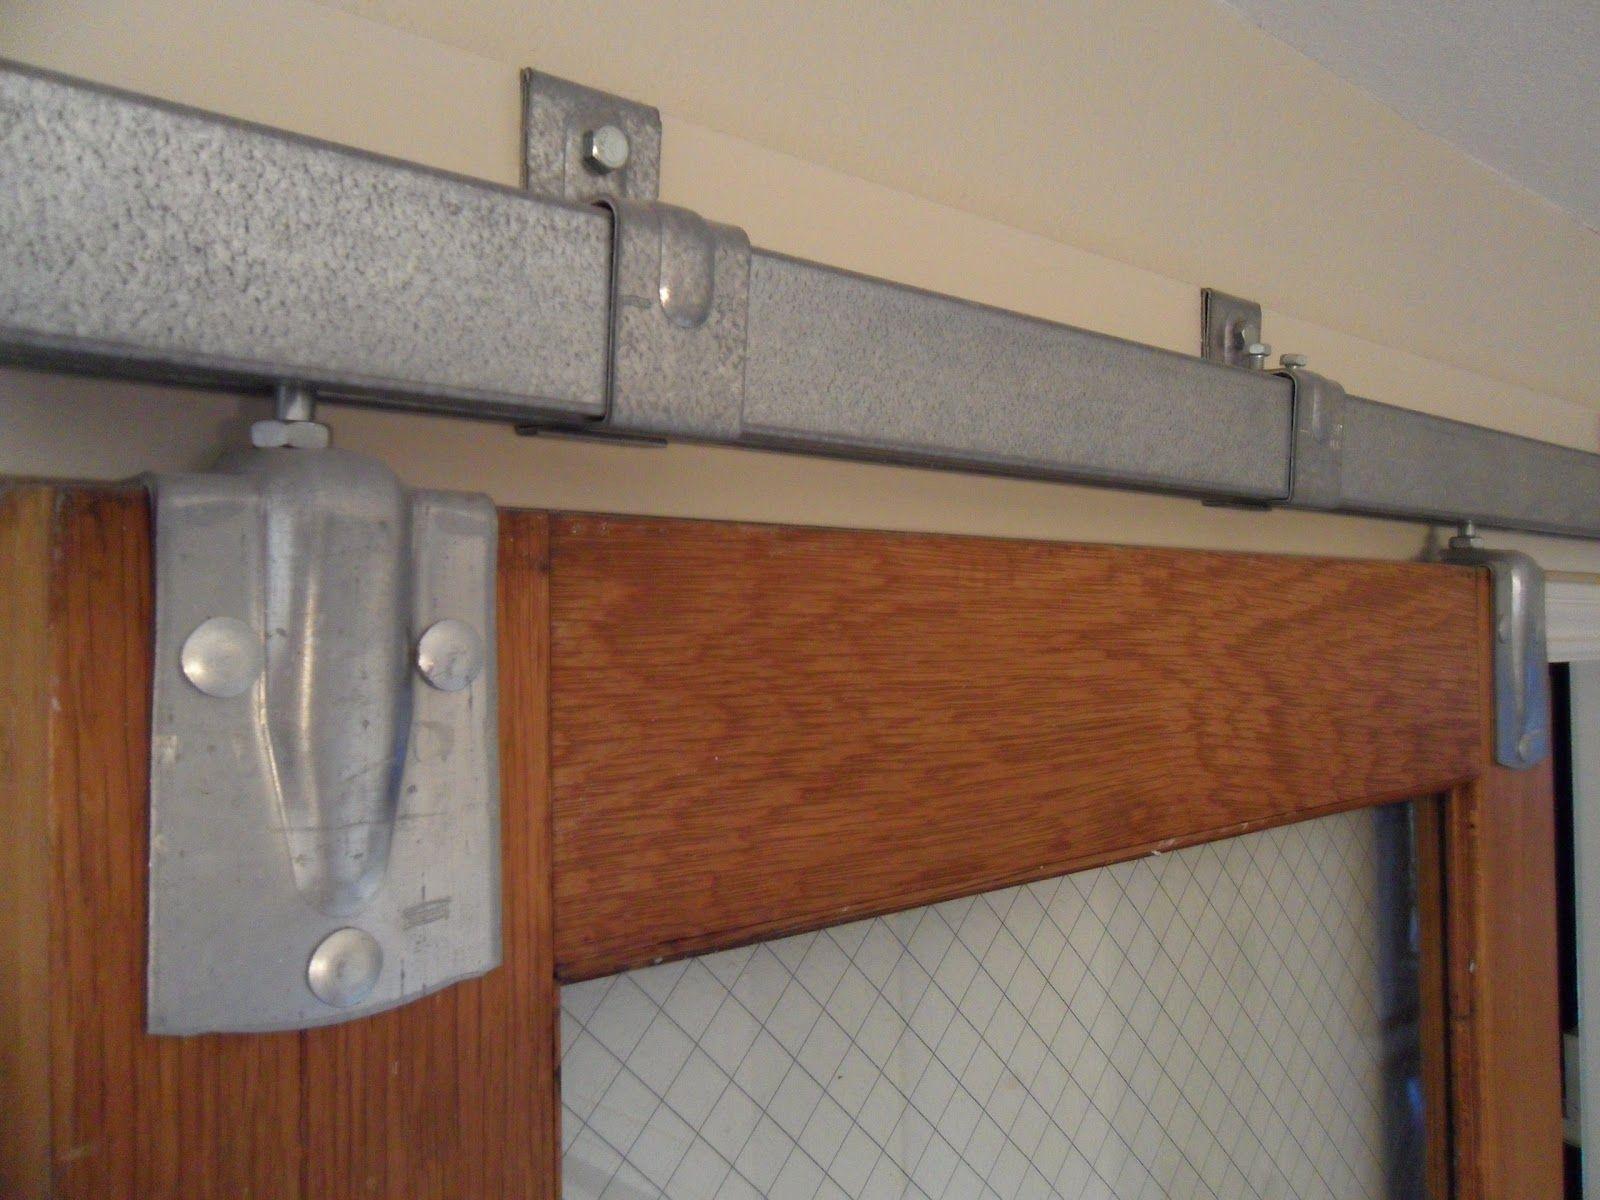 Barn Door Track System Vertical Home Garden Old Barn Doors Door Hardware Diy Bifold Barn Doors